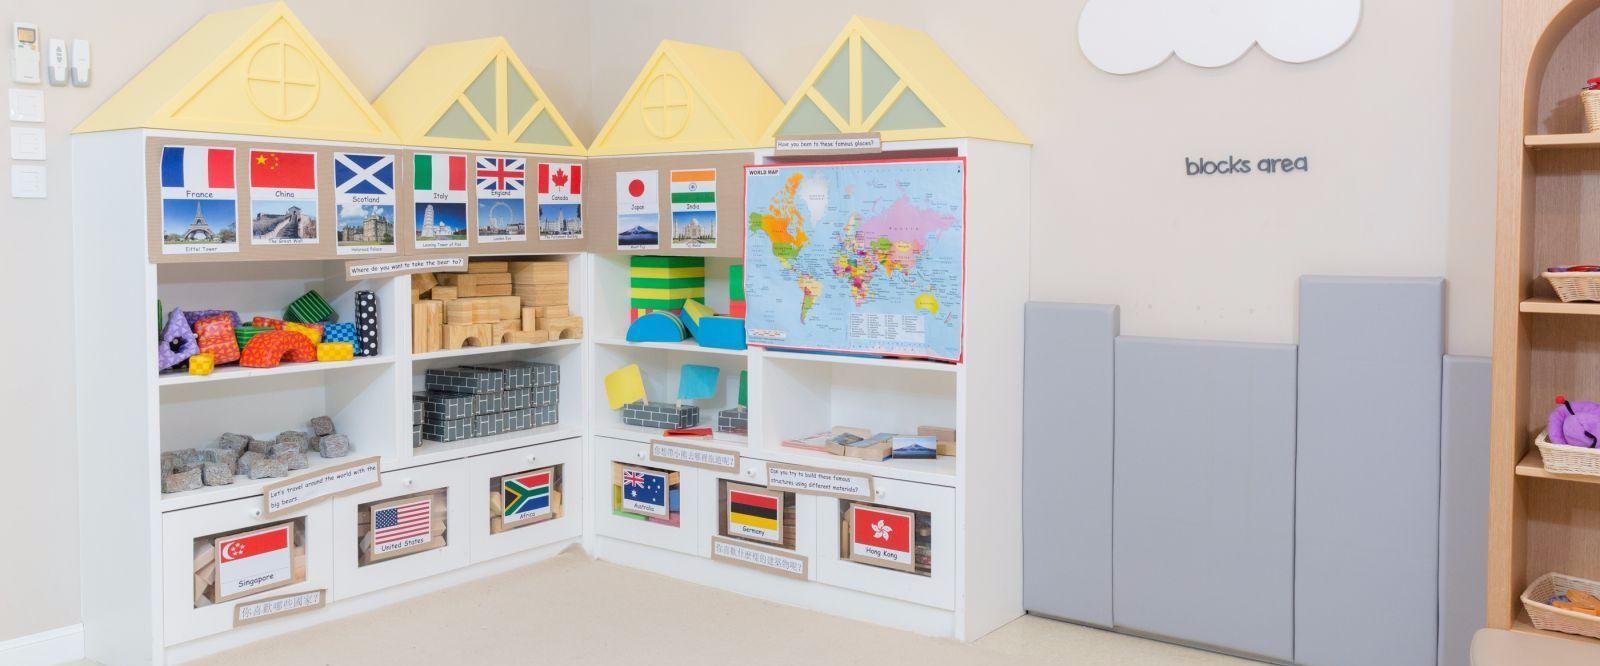 Harbour Heights | Victoria Kindergarten, Nursery ,Infant & Toddler Programme